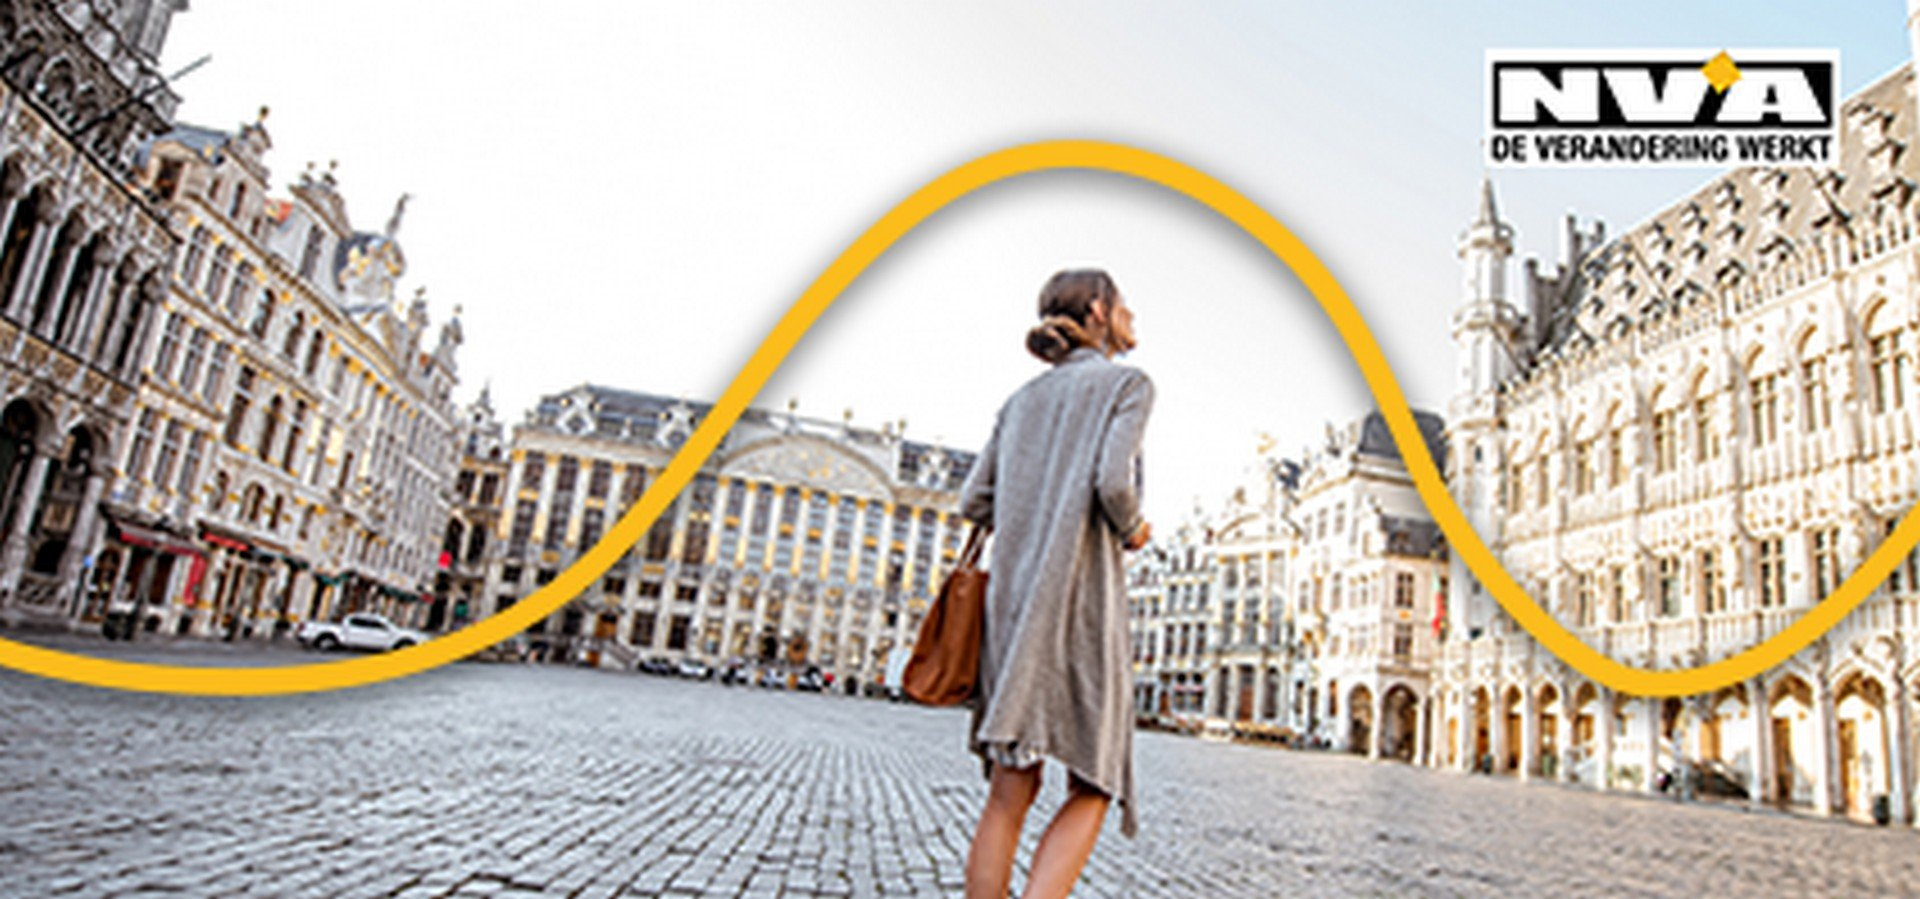 Brussel doet er blijkbaar alles aan om mee de illegaliteit te organiseren - N VA lijn